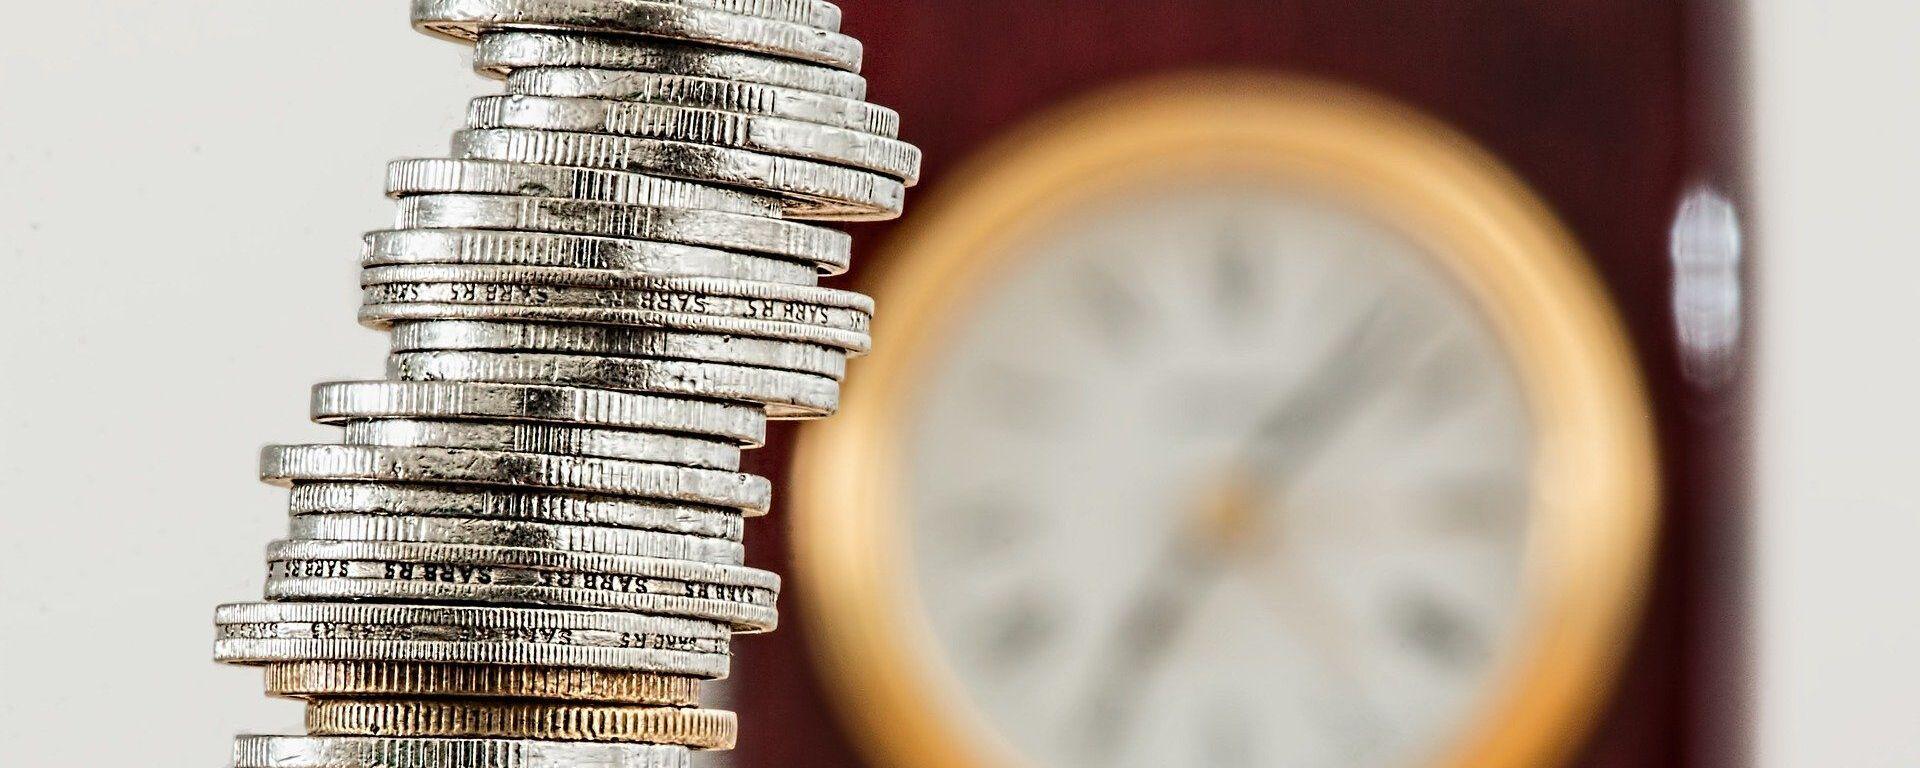 Monedas (imagen referencial) - Sputnik Mundo, 1920, 05.04.2021